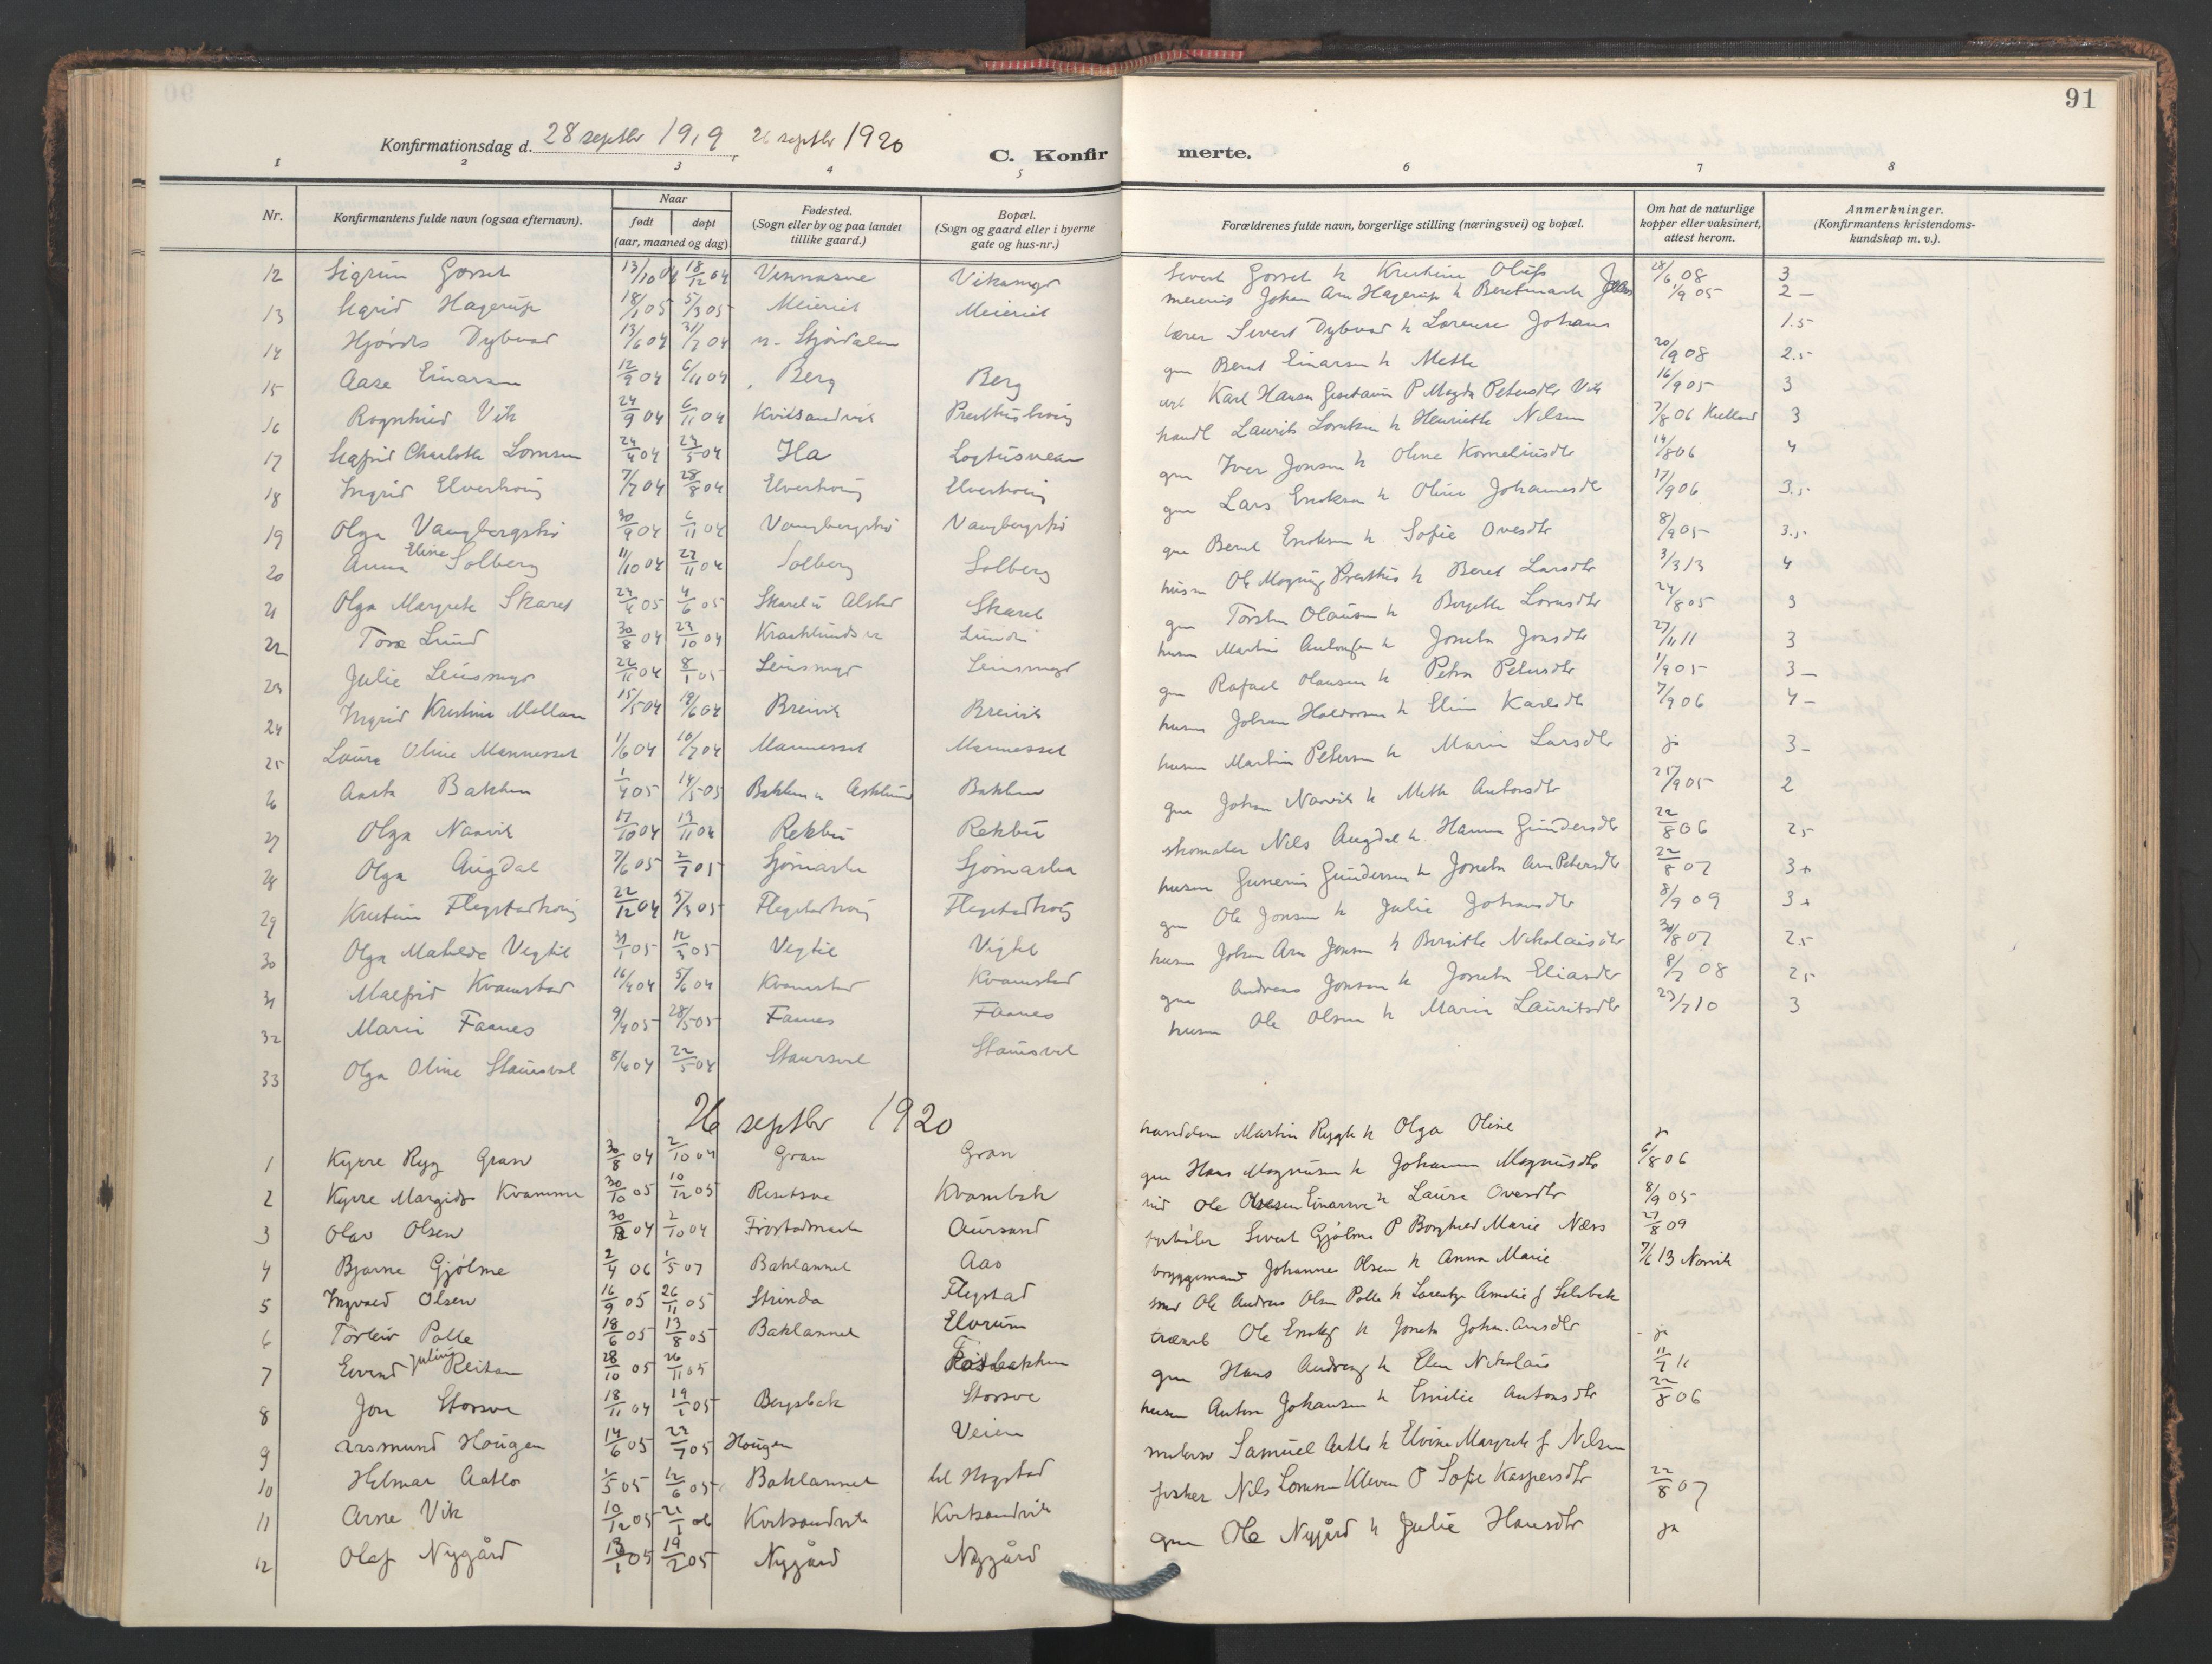 SAT, Ministerialprotokoller, klokkerbøker og fødselsregistre - Nord-Trøndelag, 713/L0123: Ministerialbok nr. 713A12, 1911-1925, s. 91